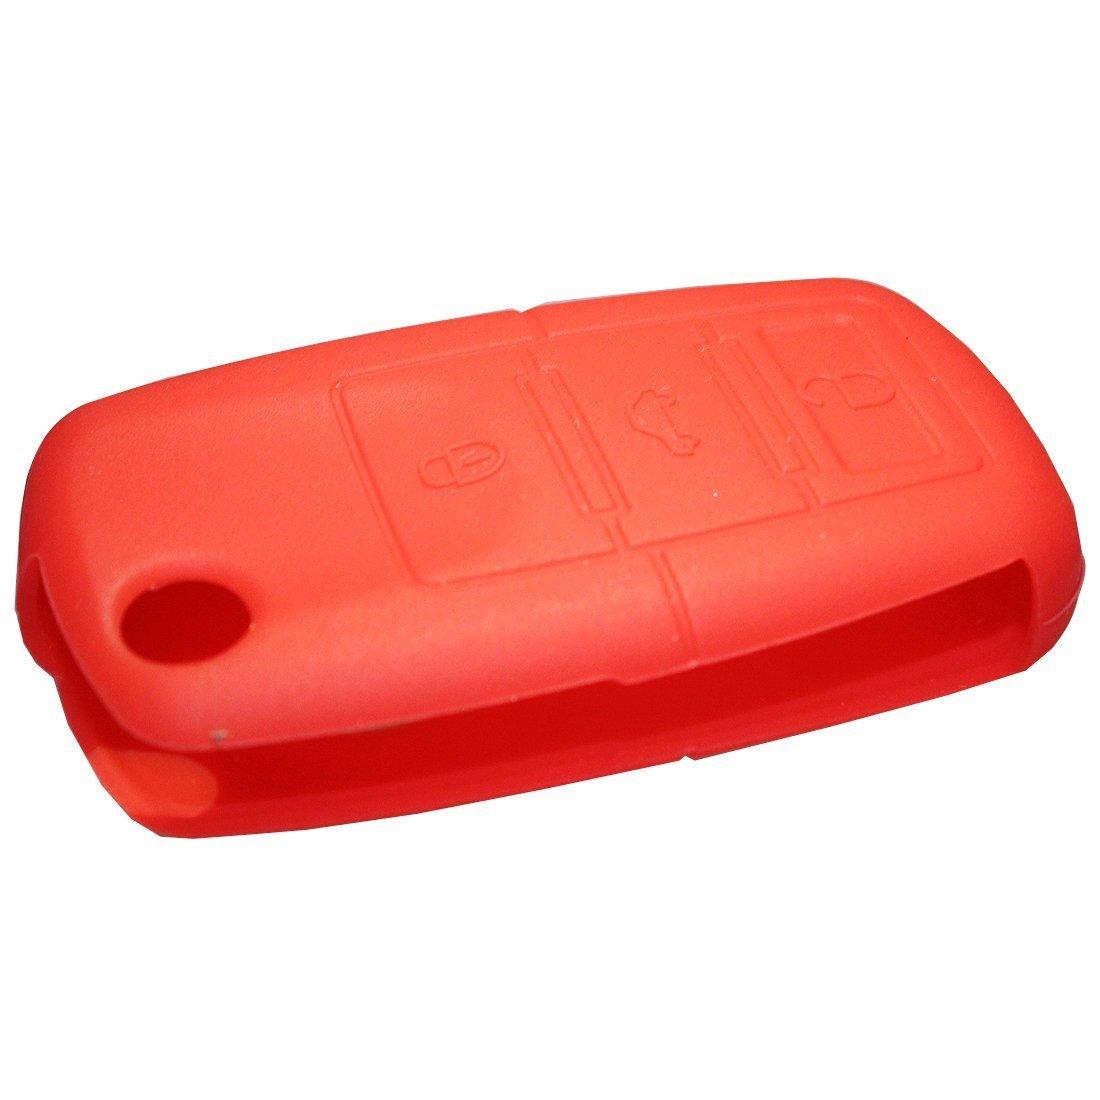 Muchkey/® Cl/é de voiture Coque cl/é de voiture pour VW Volkswagen Flip Cl/é t/él/écommande Housse de protection en silicone 3/boutons Rouge 1pi/èce